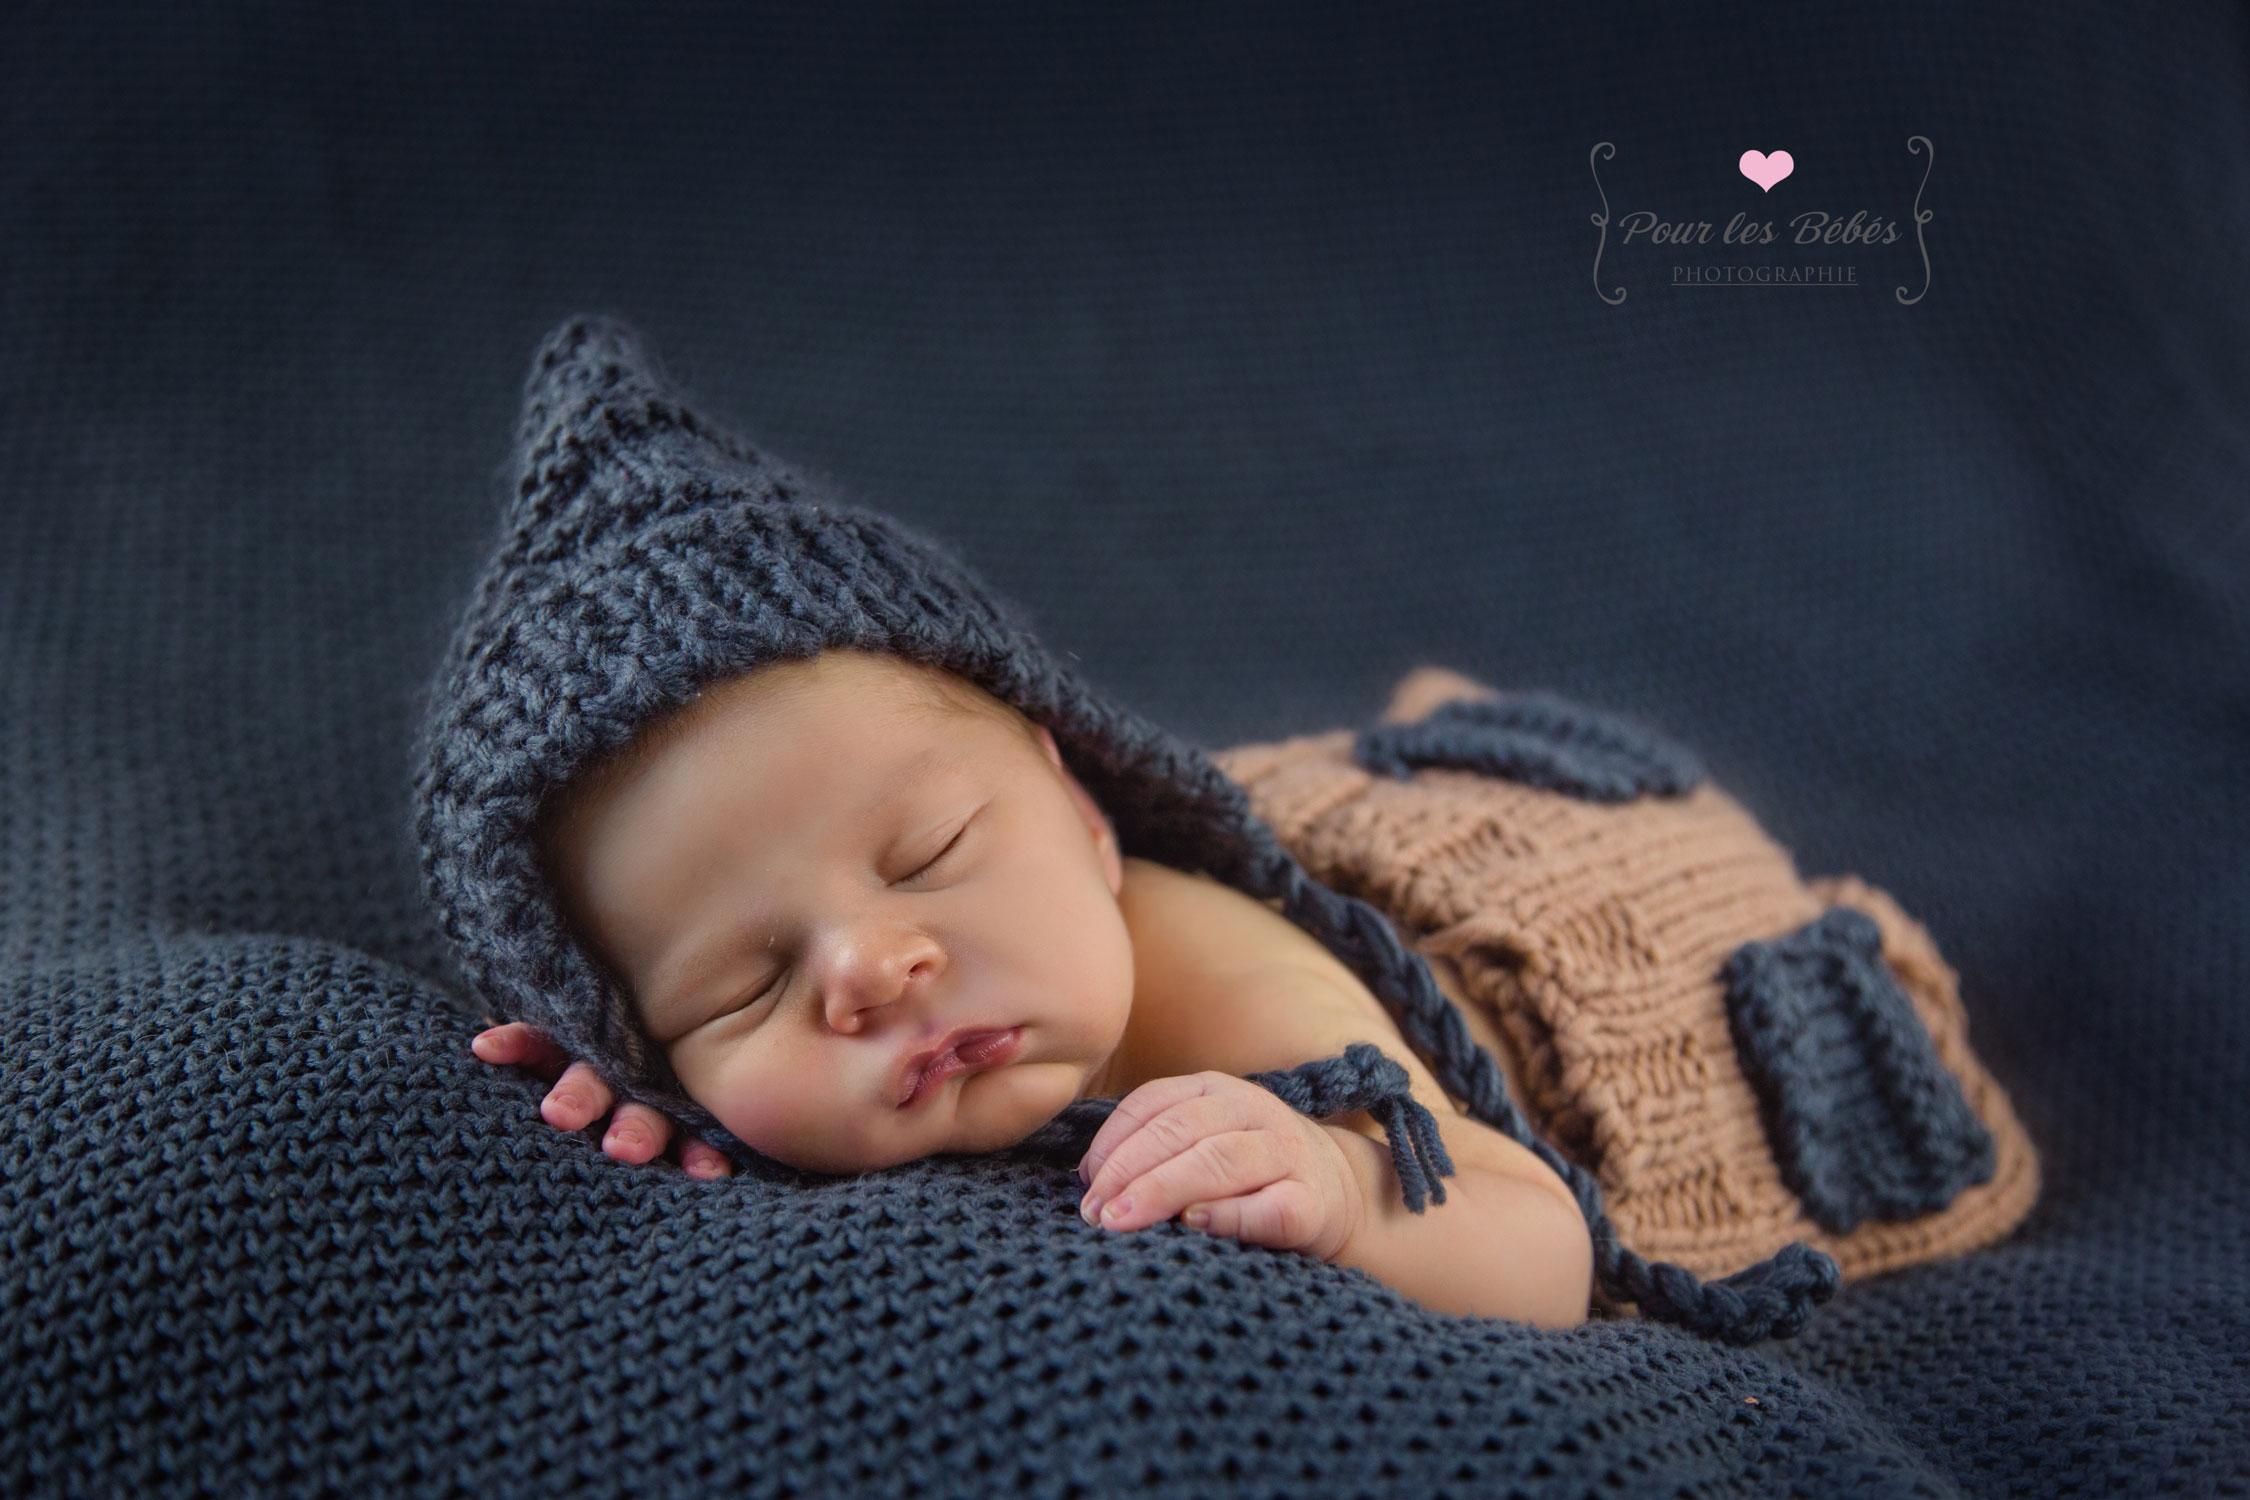 photographe-studio-nouveau-né-famille-enfance-bébé-nourrisson-grossesse-montpellier-nimes-lunel-mauguio-sommières